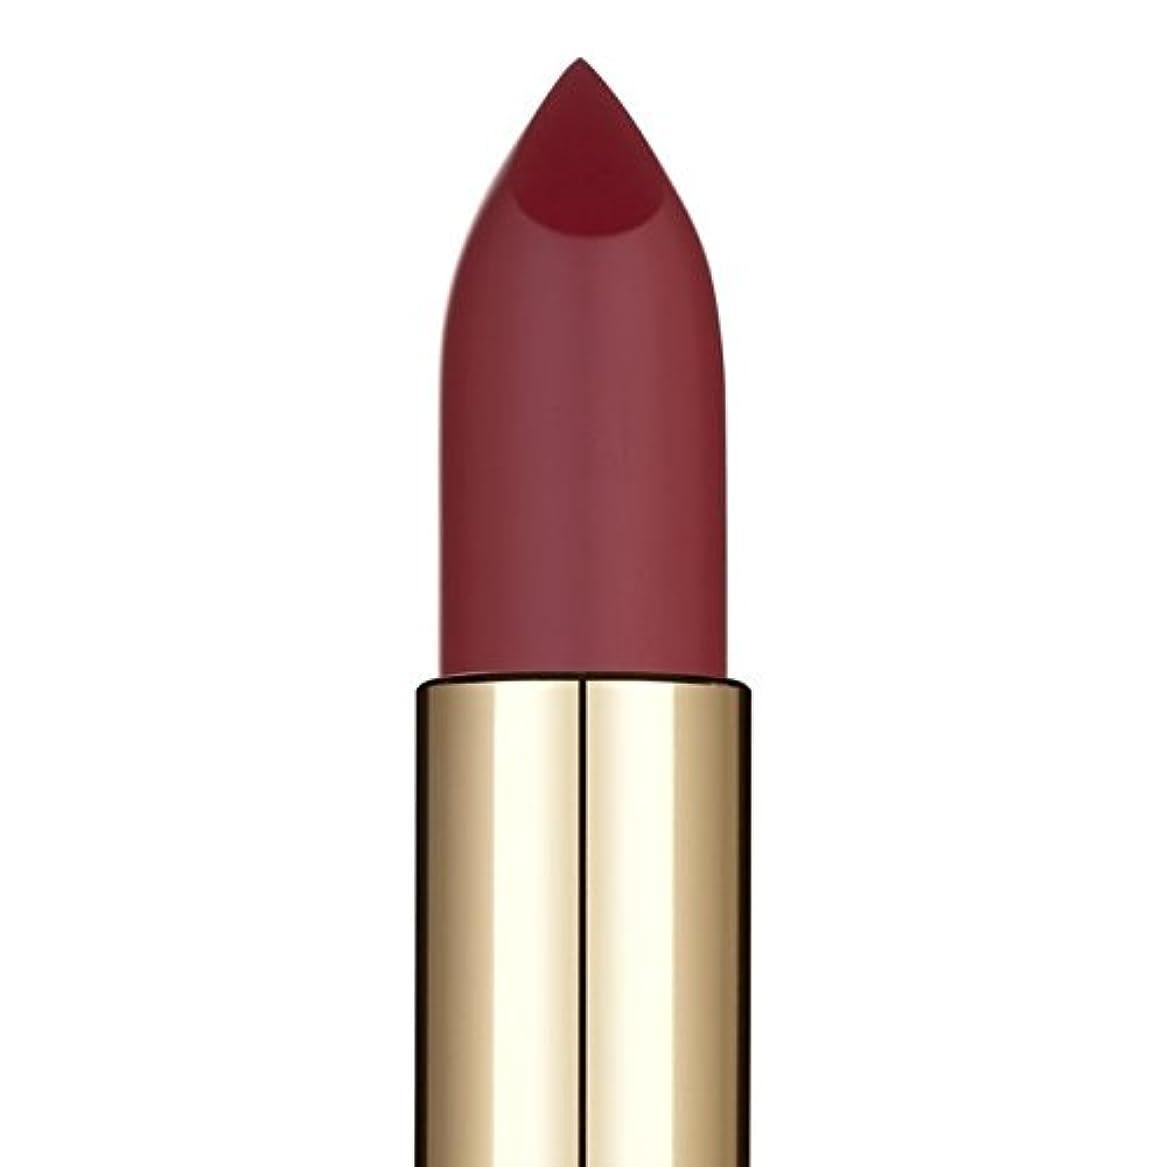 ベース将来のクリエイティブロレアルパリのカラーリッシュ口紅マット、月ジュール430 x2 - L'Oreal Paris Color Riche Lipstick Matte, Mon Jules 430 (Pack of 2) [並行輸入品]